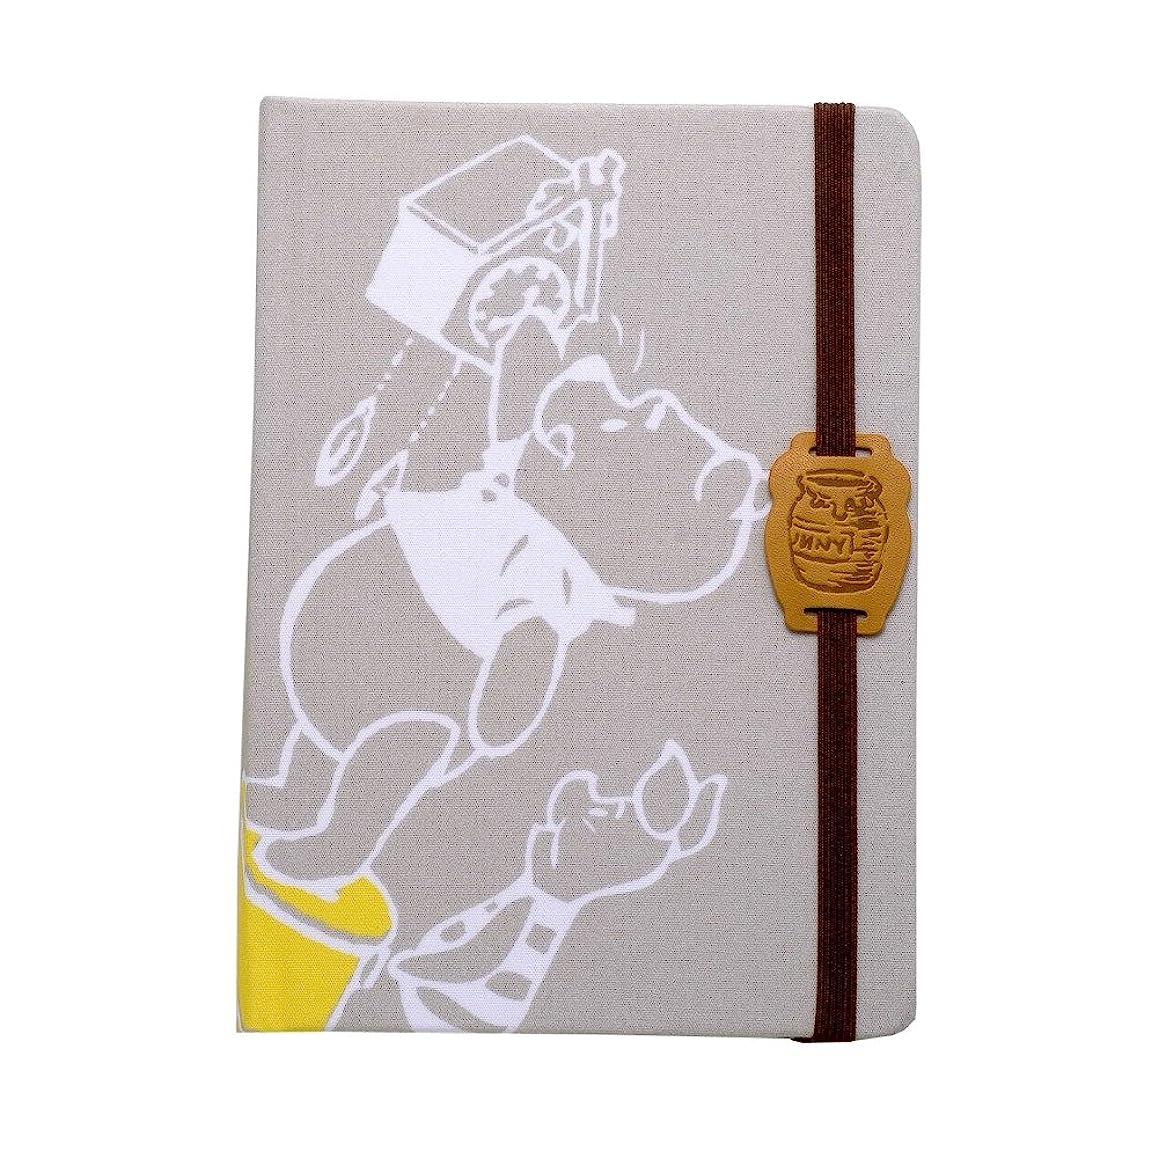 サンスター文具 ディズニー 布貼上製本ノートB6 くまのプーさん 時計 S2623781